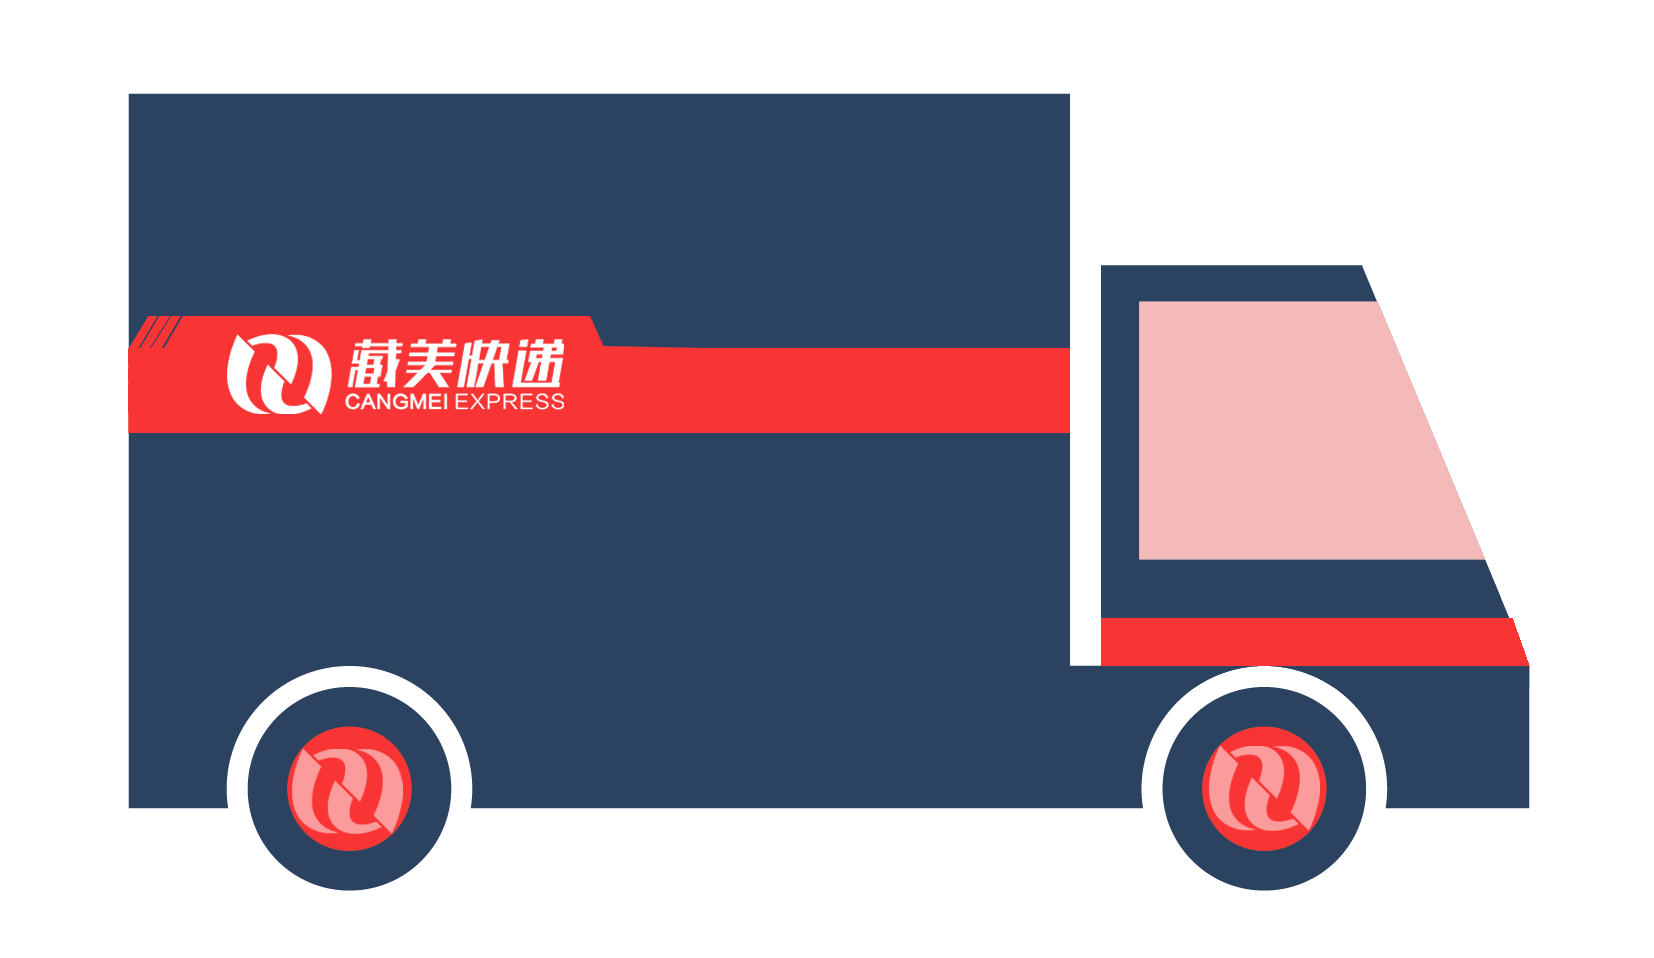 藏美国际快递 DHL客服电话:4008811816 DHL取件电话:4008811816